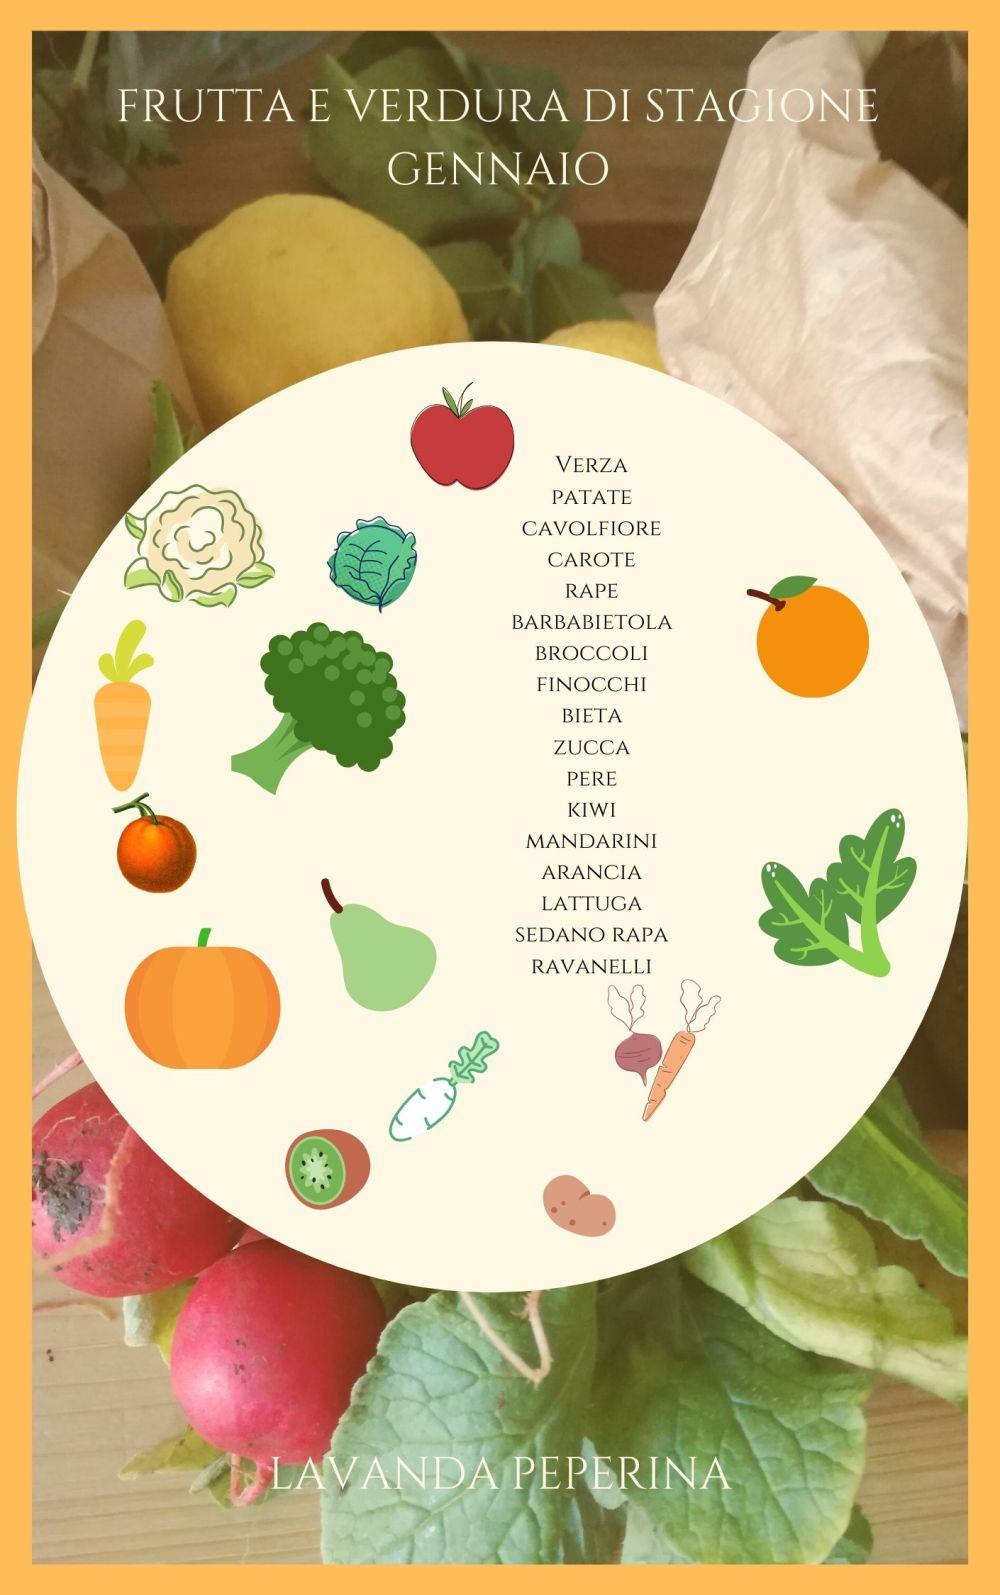 Frutta e verdure di stagione gennaio